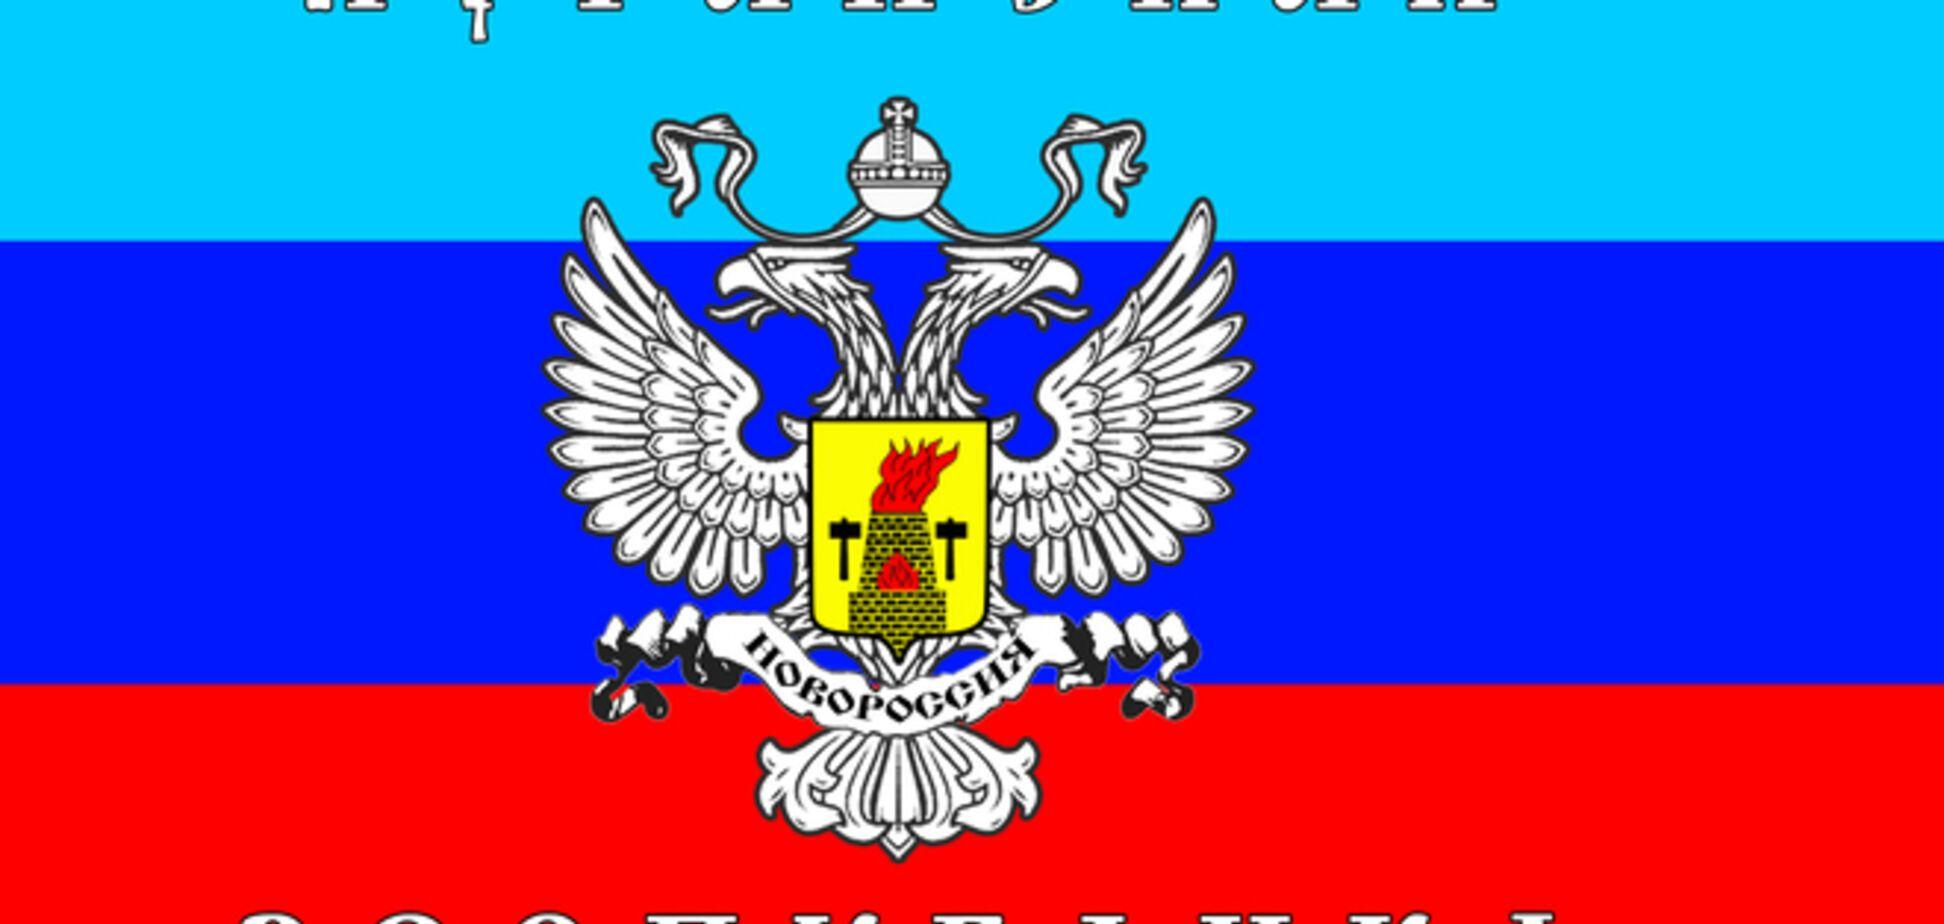 Фейковая 'ЛНР' объявила о мобилизации